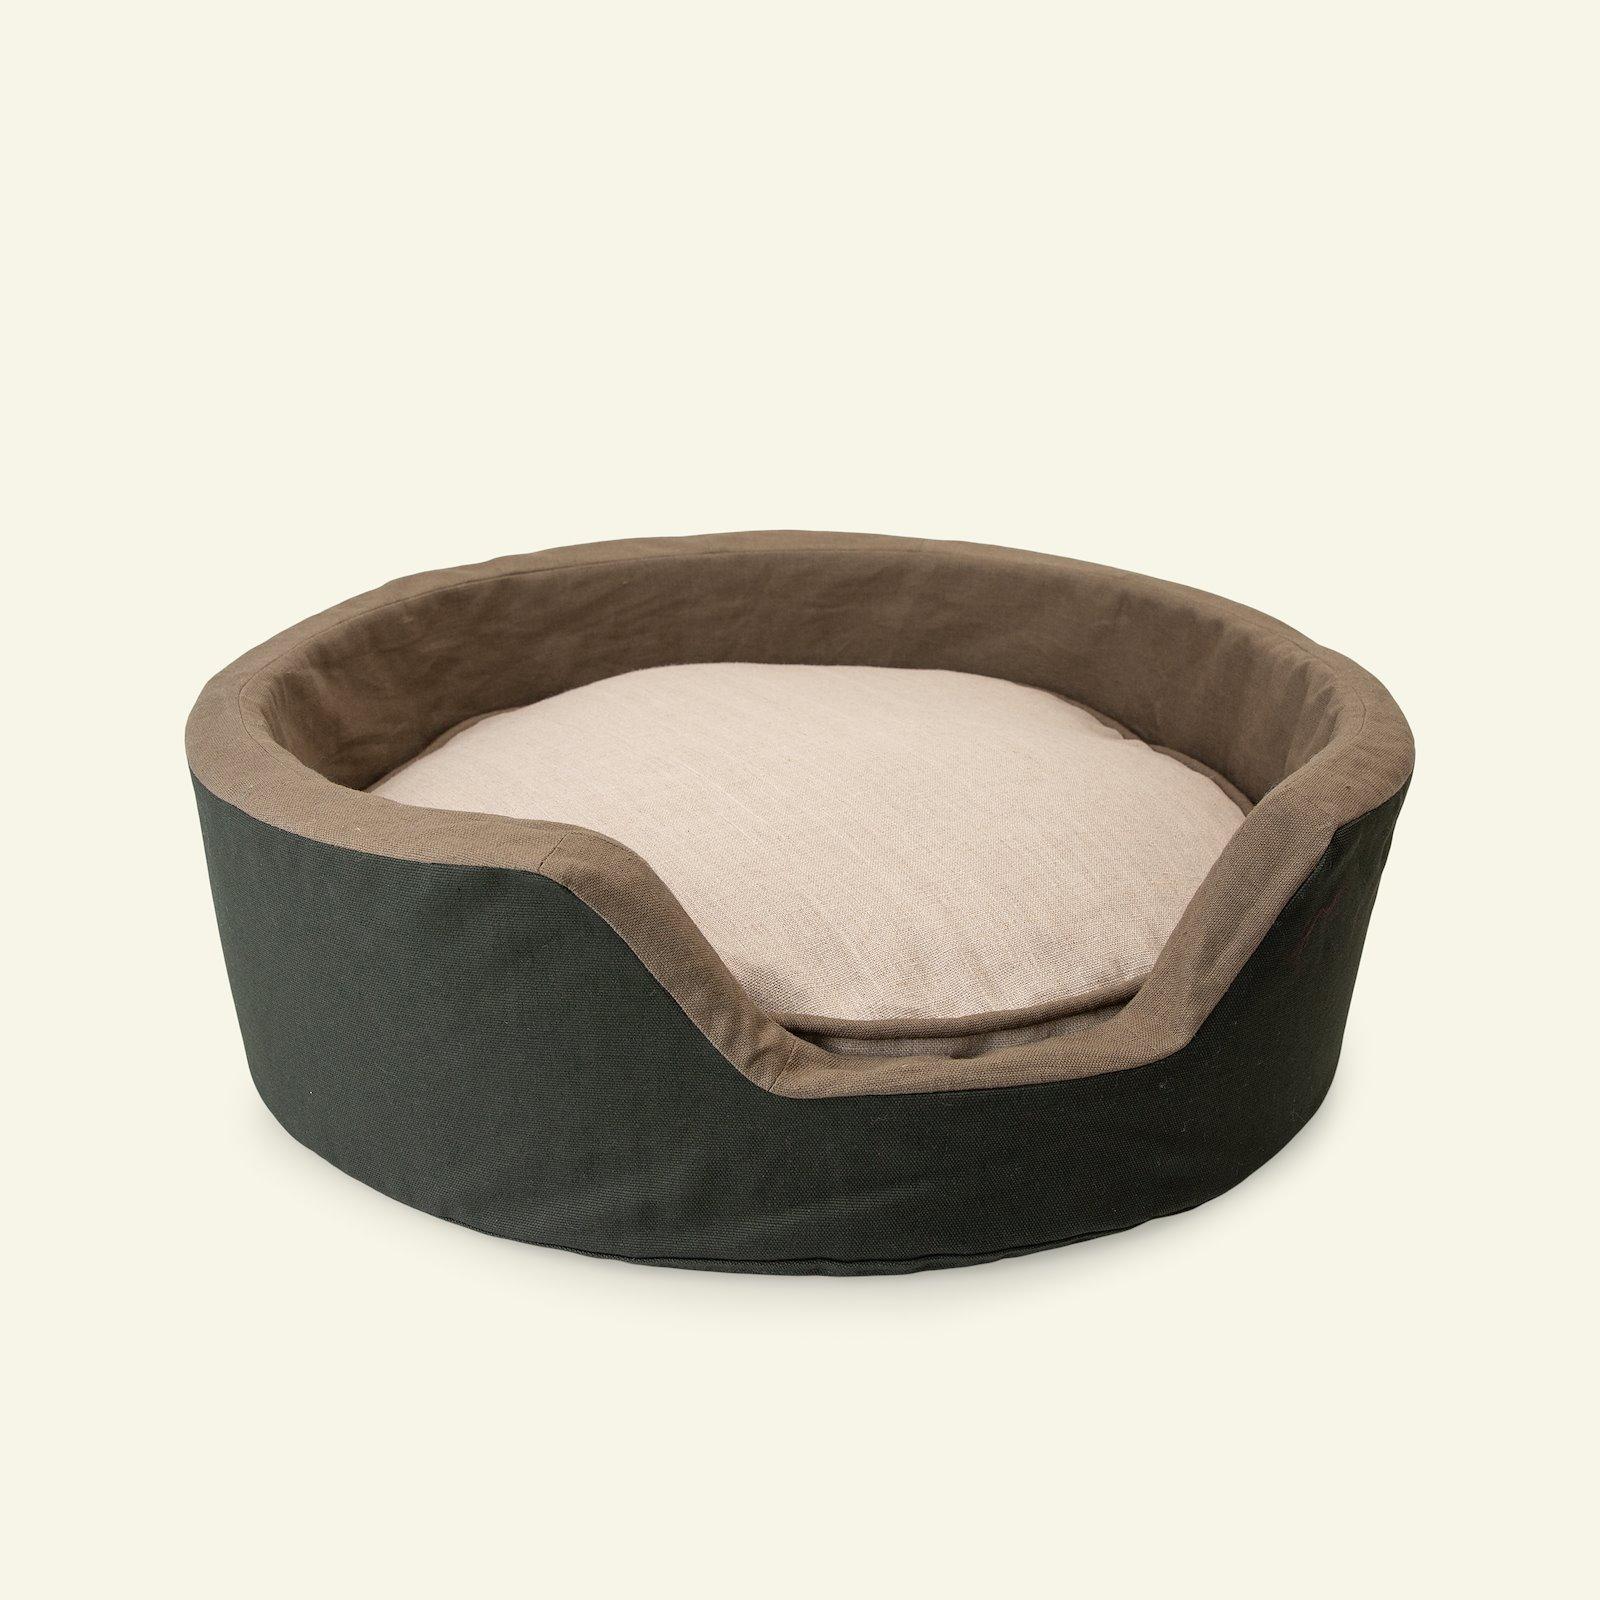 Light linen/viscose dark walnut p90348_780403_800205_510961_sskit